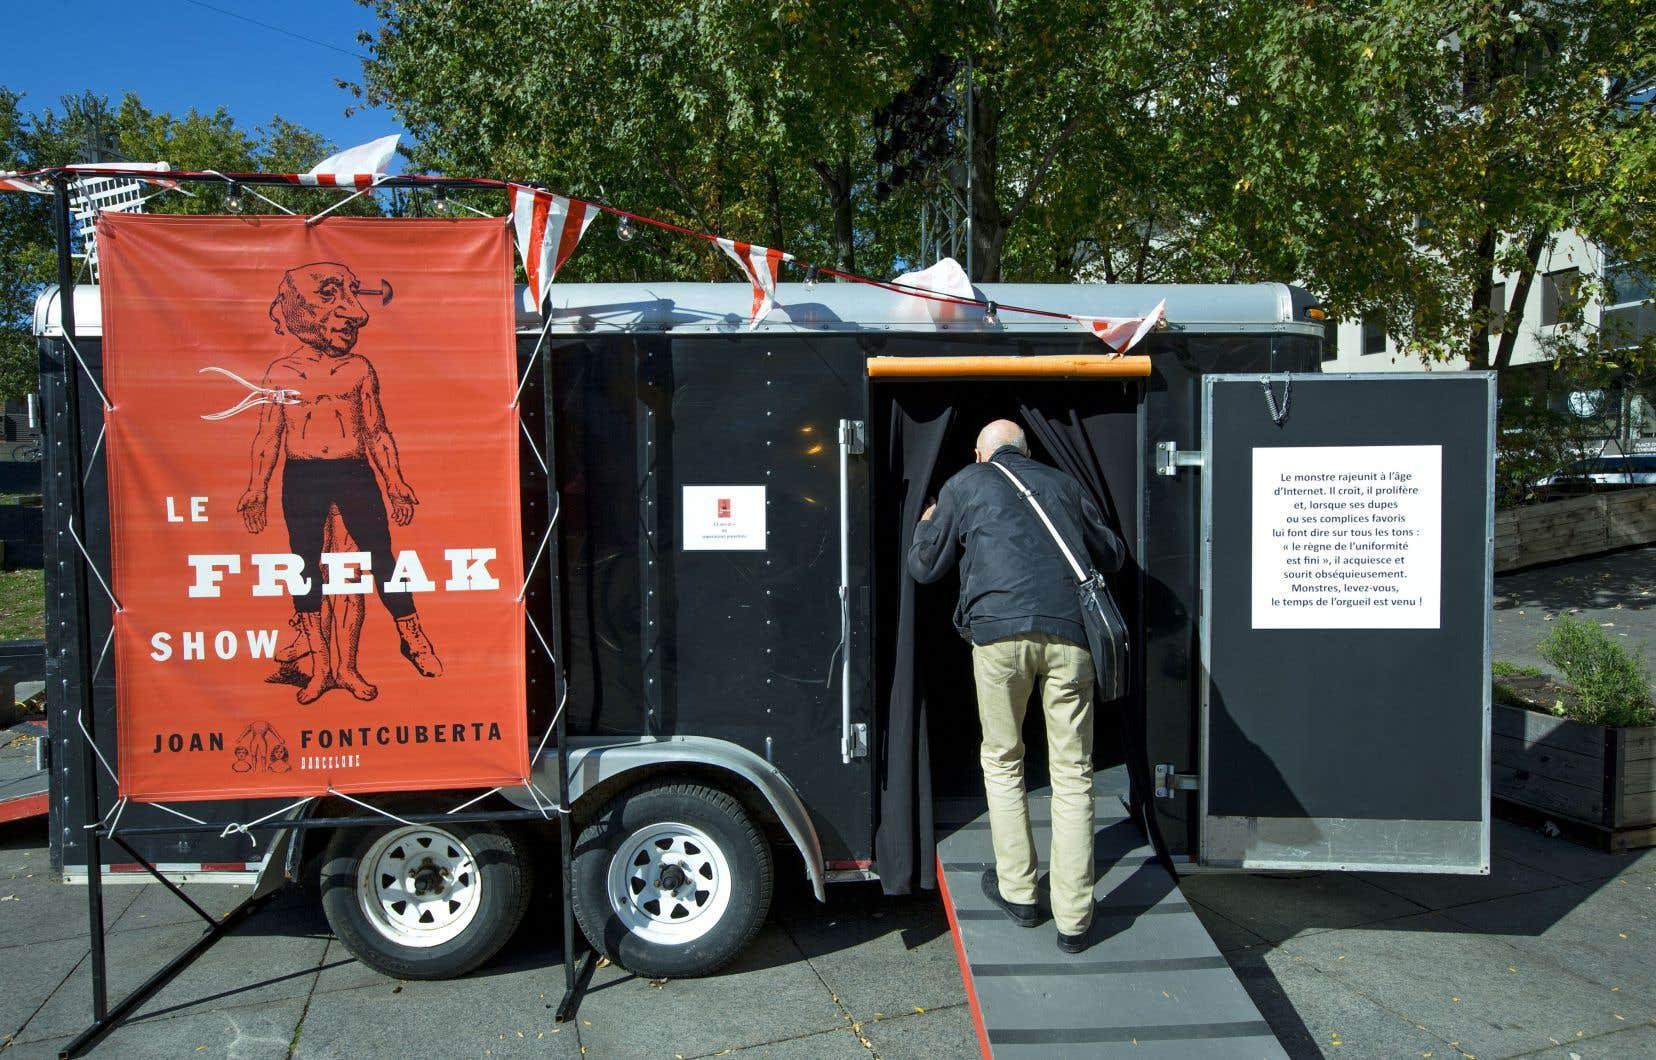 «Le Freak Show», de l'artiste Joan Fontcuberta, place les spectateurs devant l'intenable.